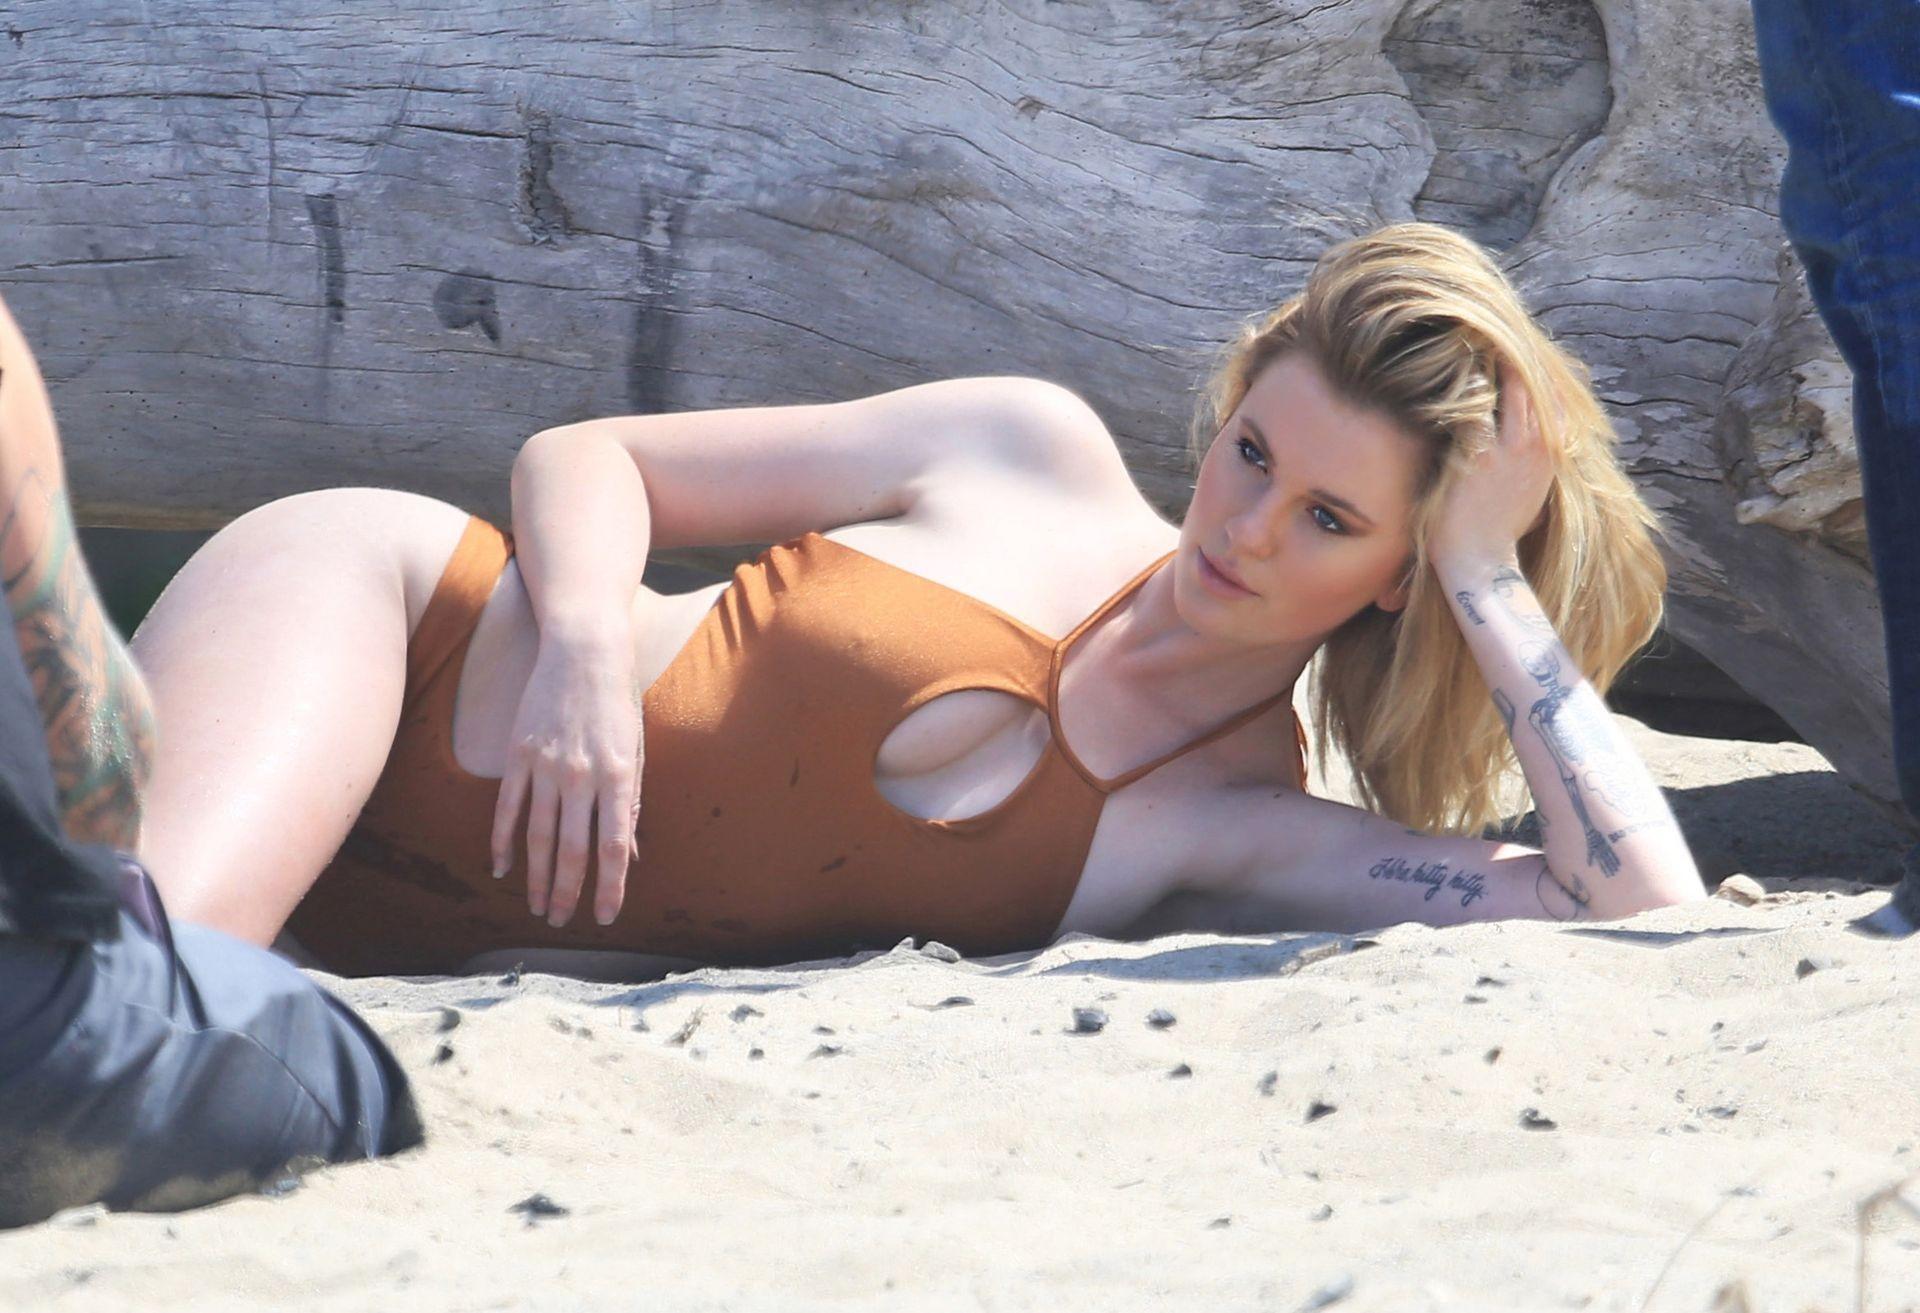 Ireland Baldwin Topless Pics, Nice Body